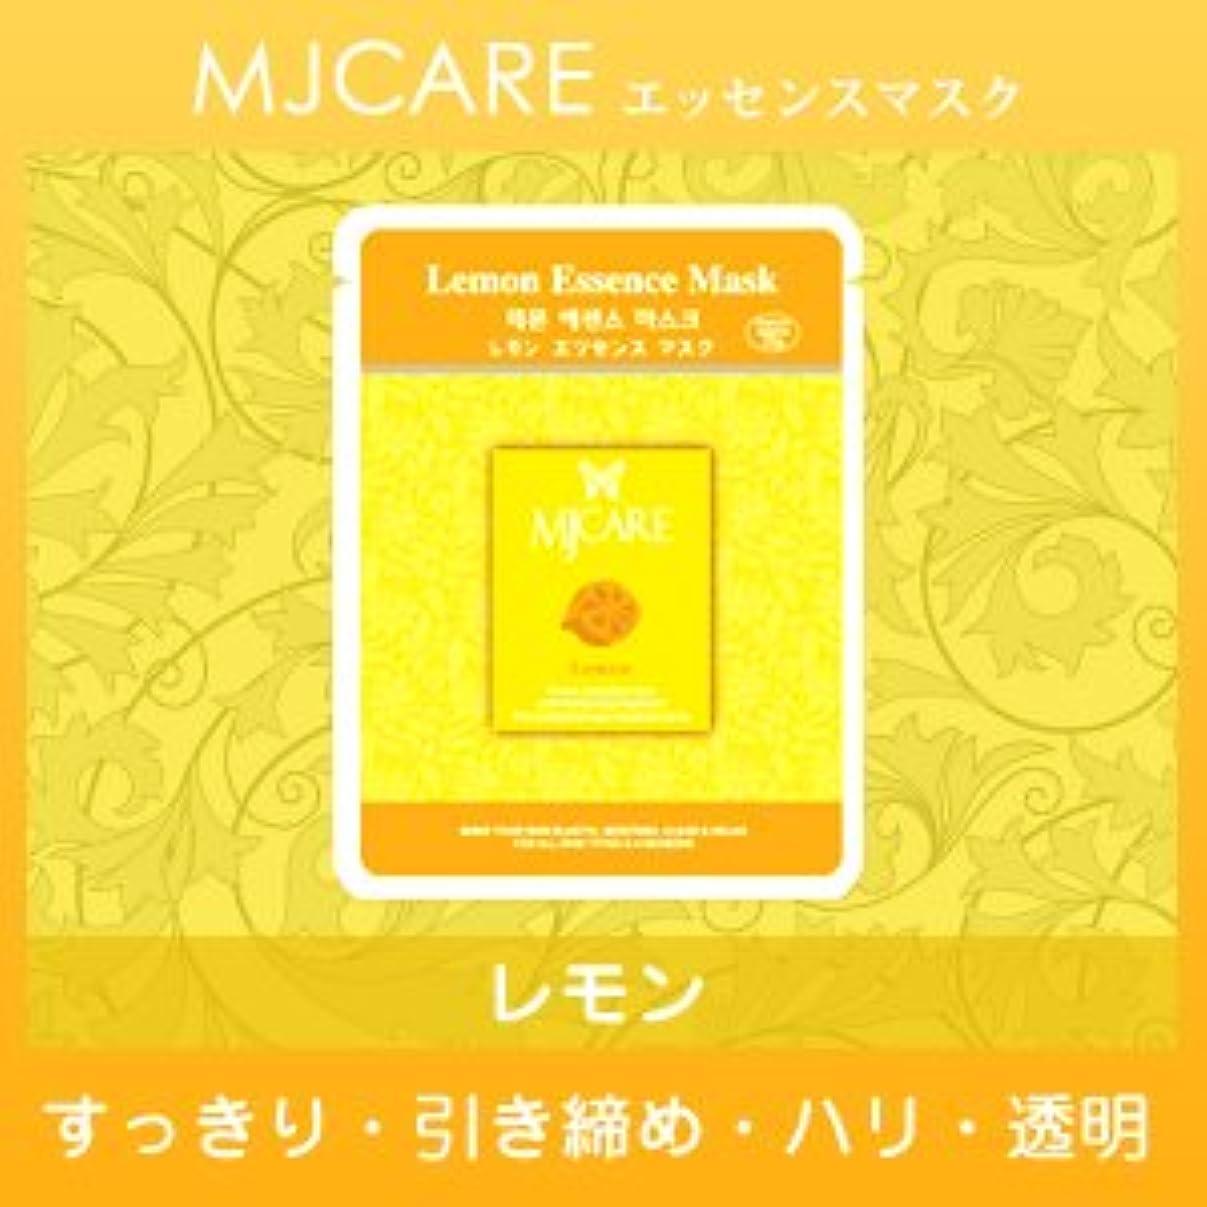 凶暴なほこり拮抗MJCARE (エムジェイケア) レモン エッセンスマスク